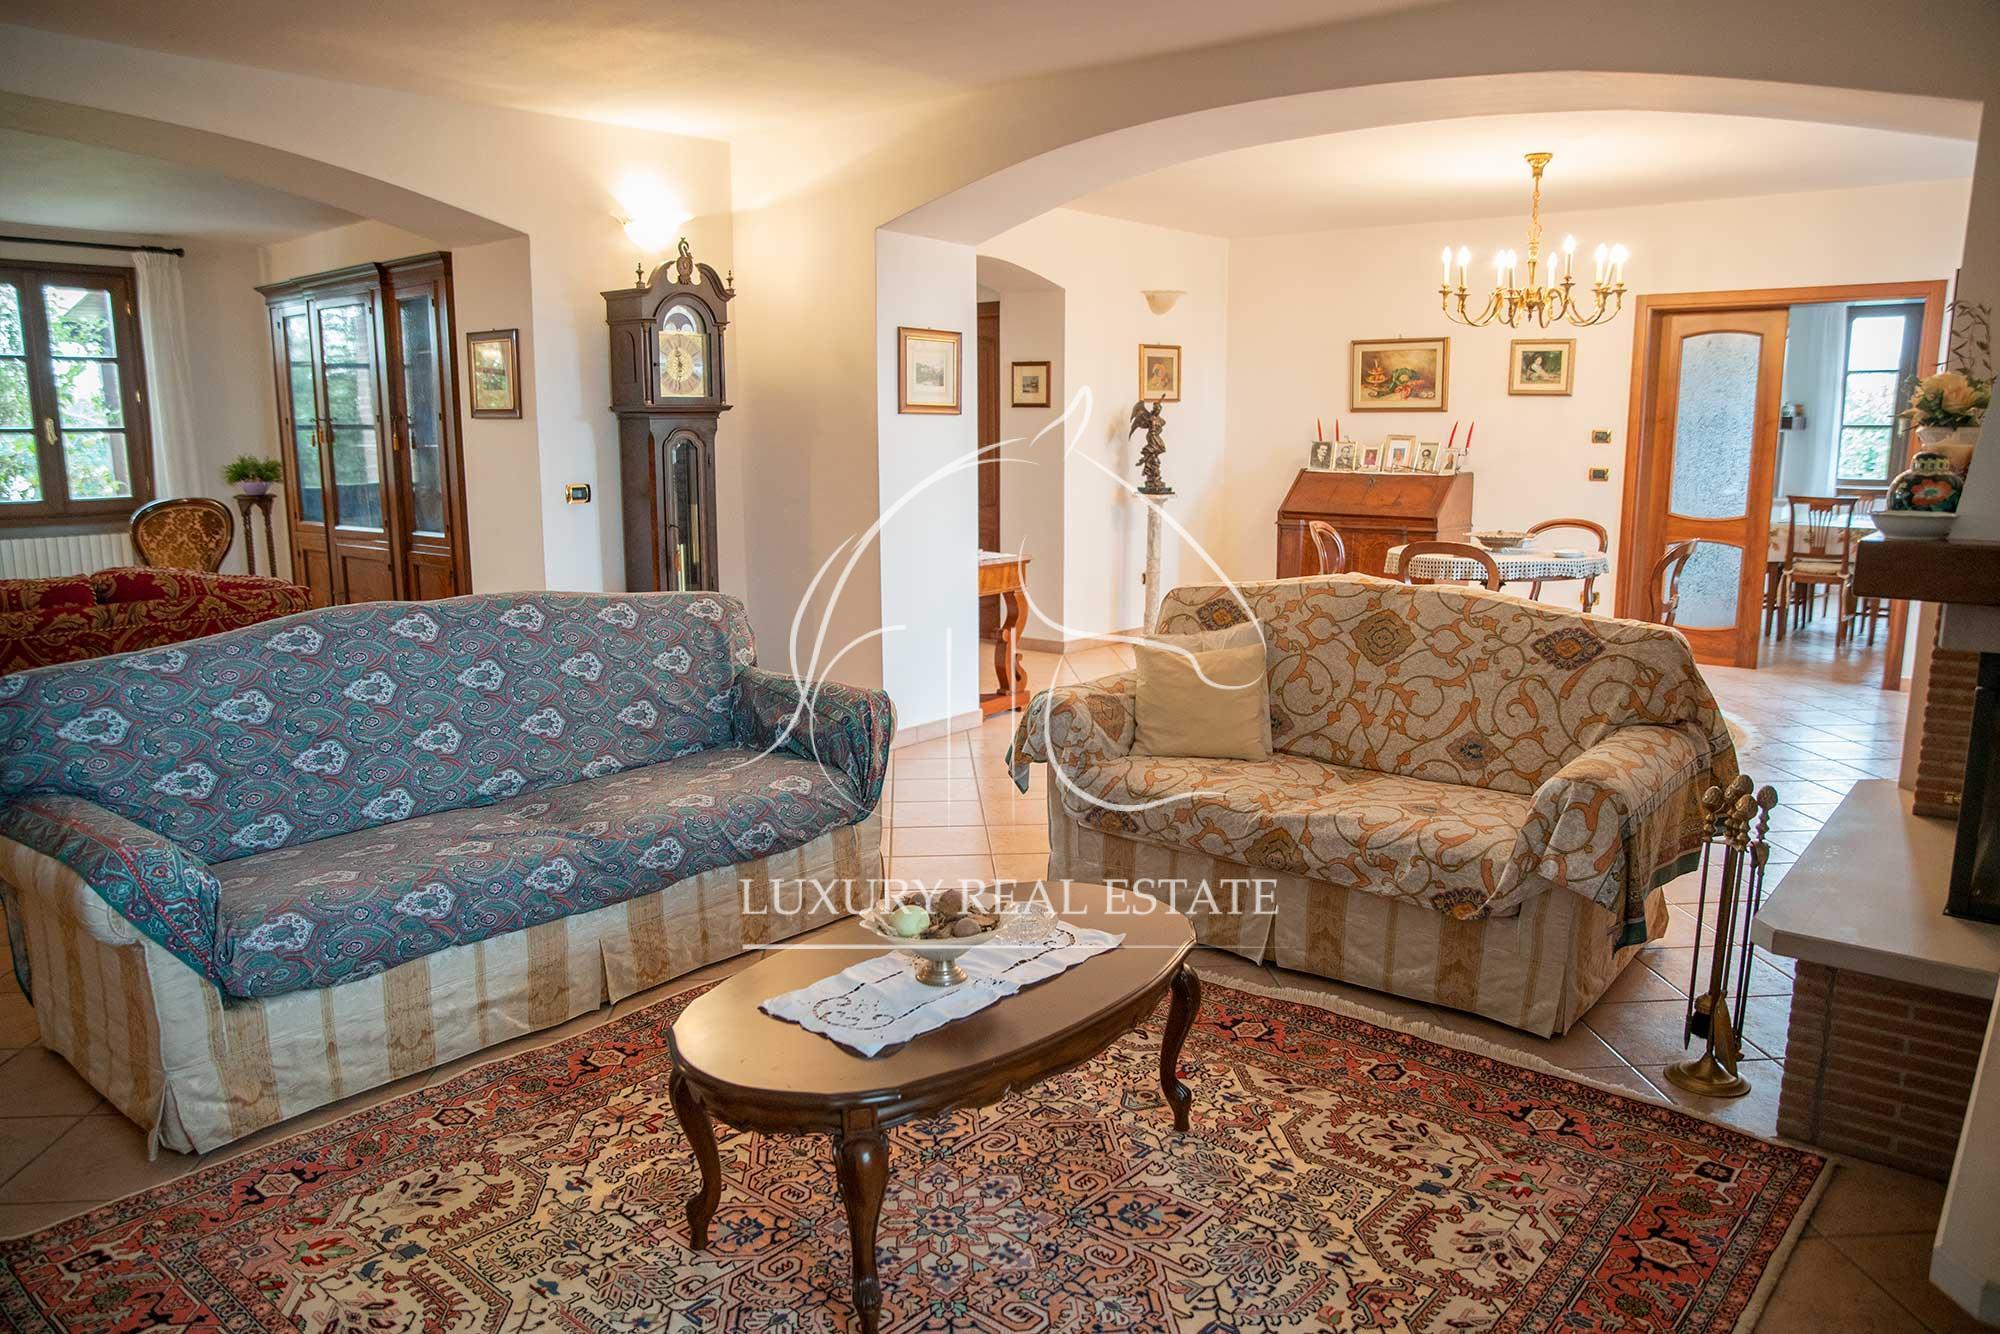 Rif. 165 Doppia bifamigliare in villa zona Mulazzano (RN)